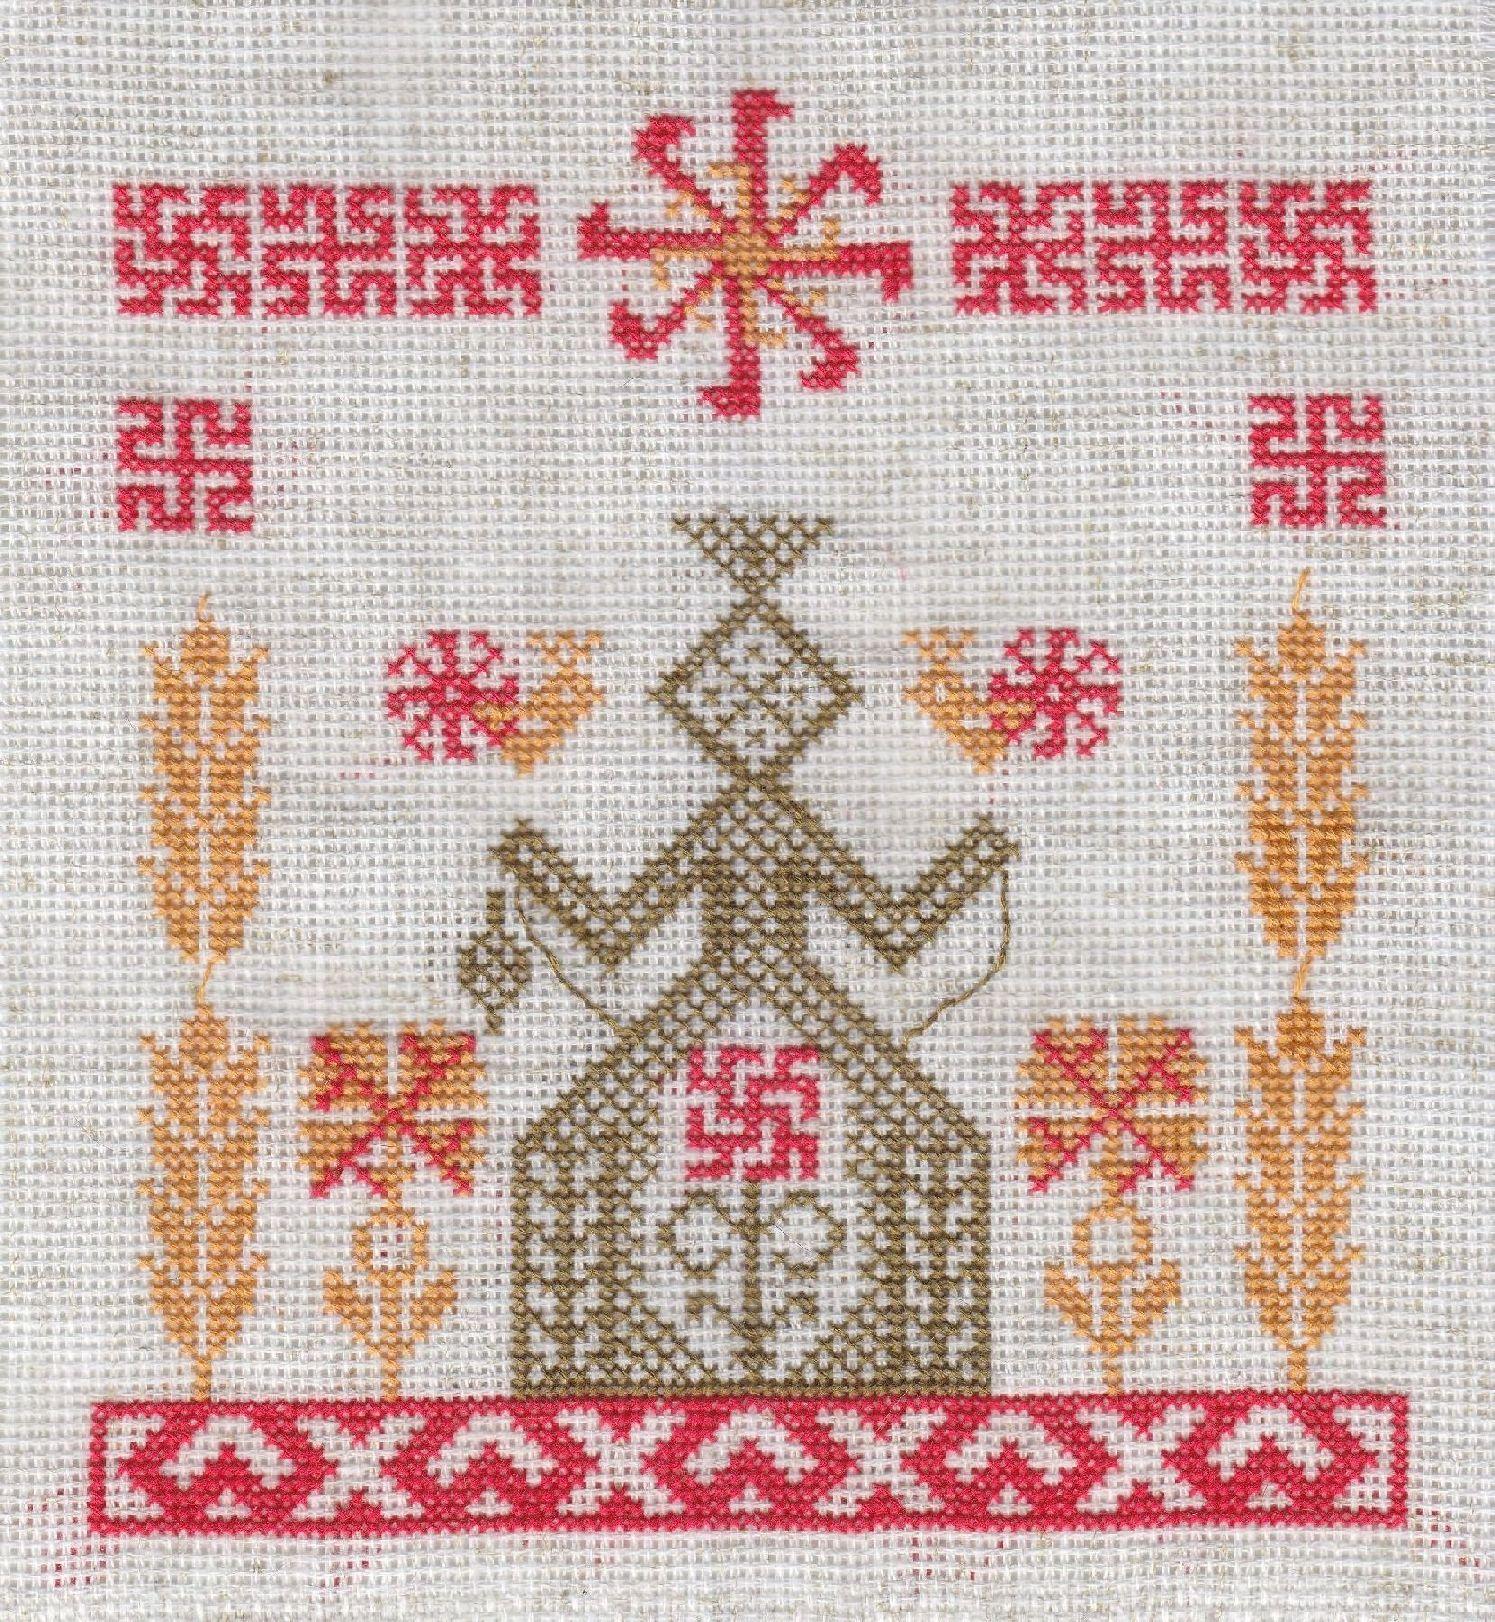 Славянские символы описание и схемы к ним 18